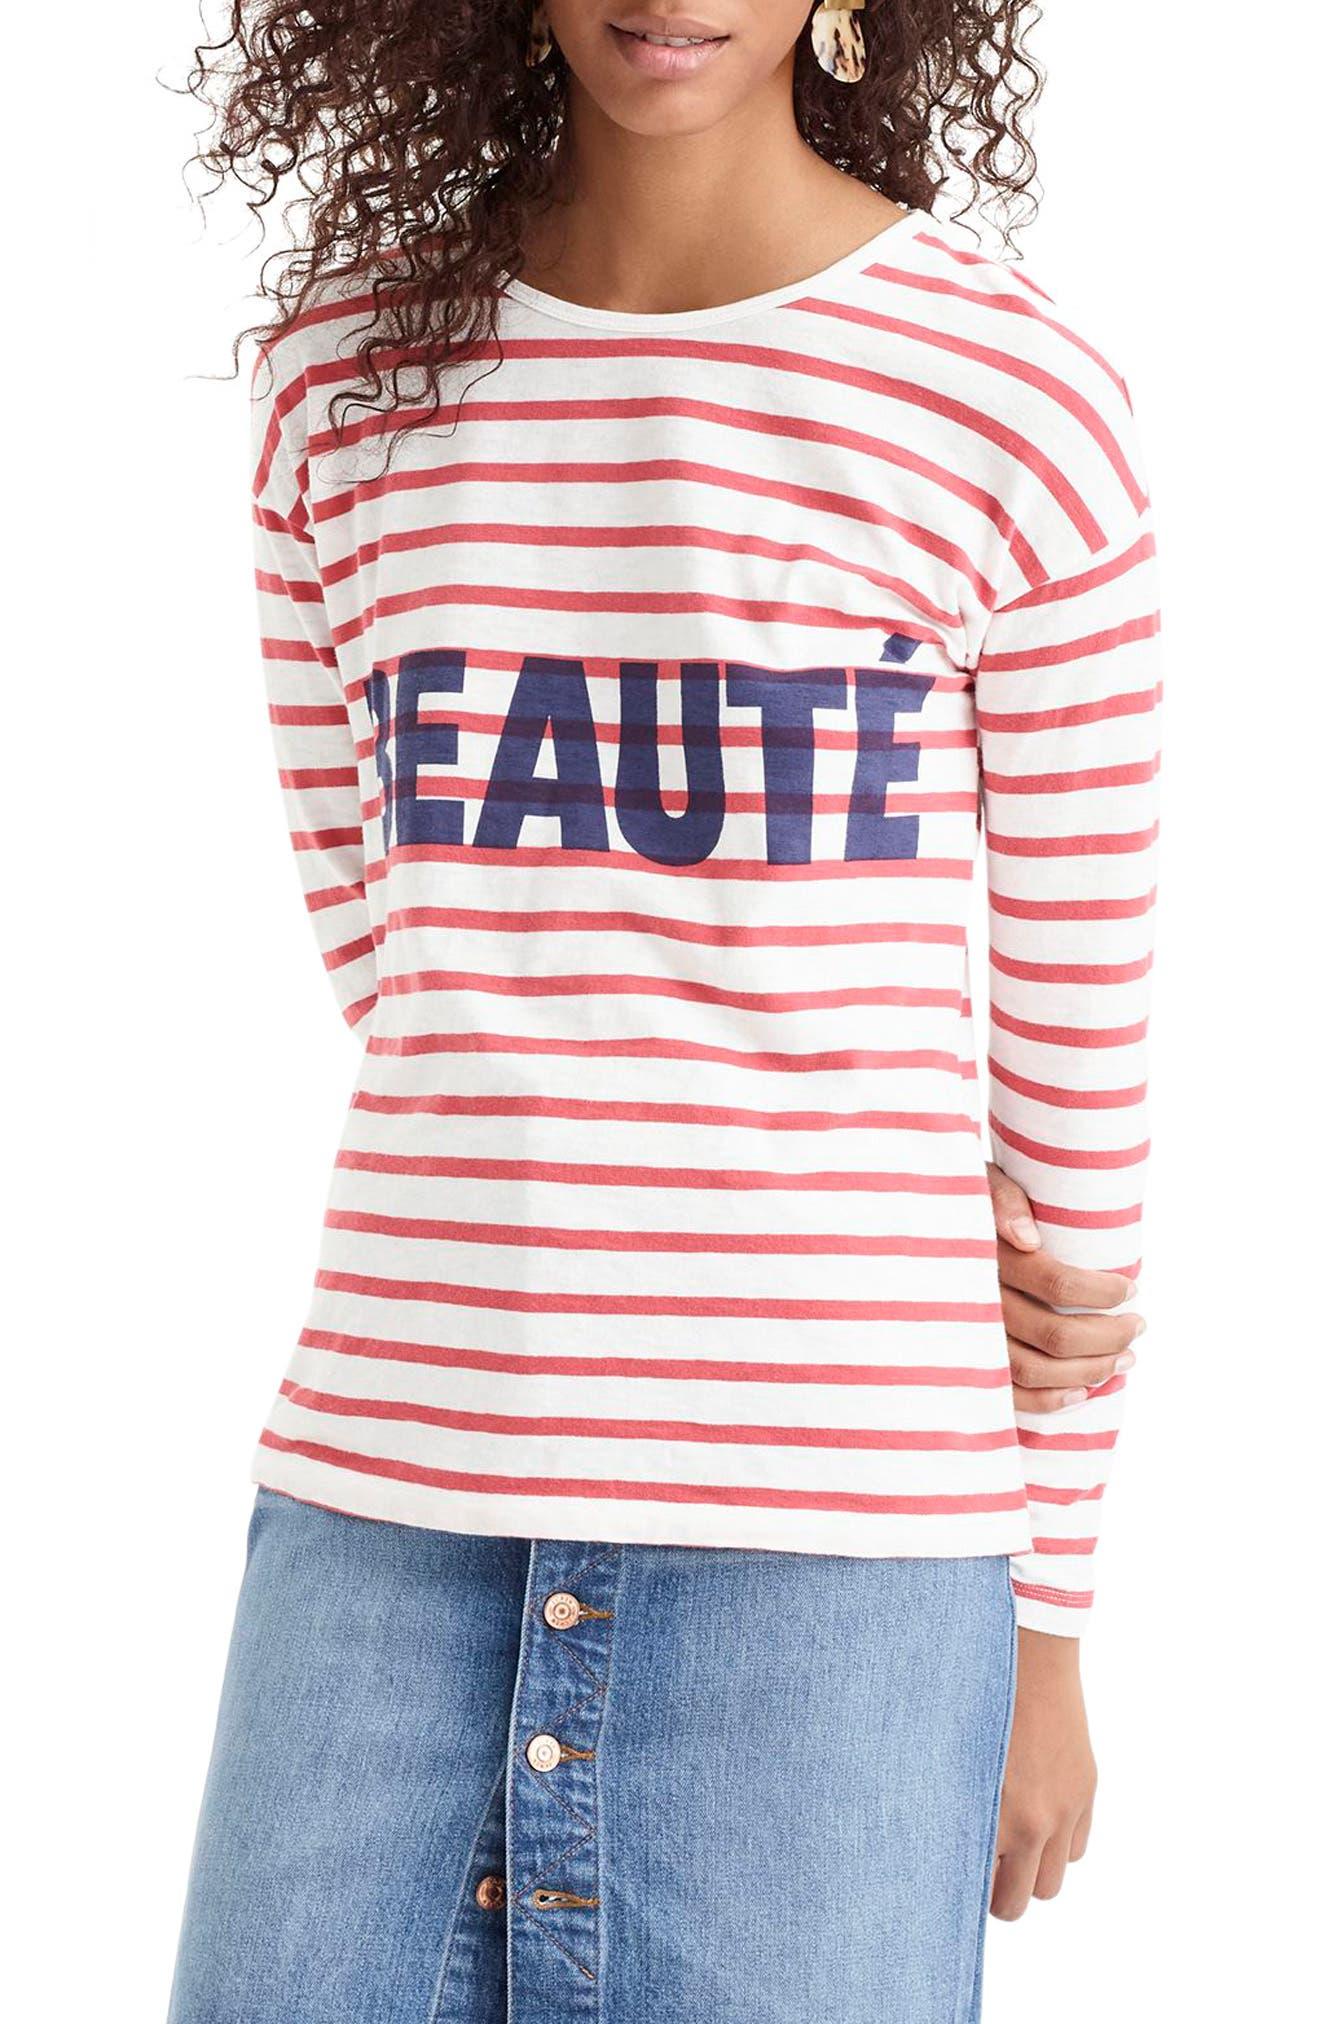 Beauté T-Shirt,                             Main thumbnail 1, color,                             600